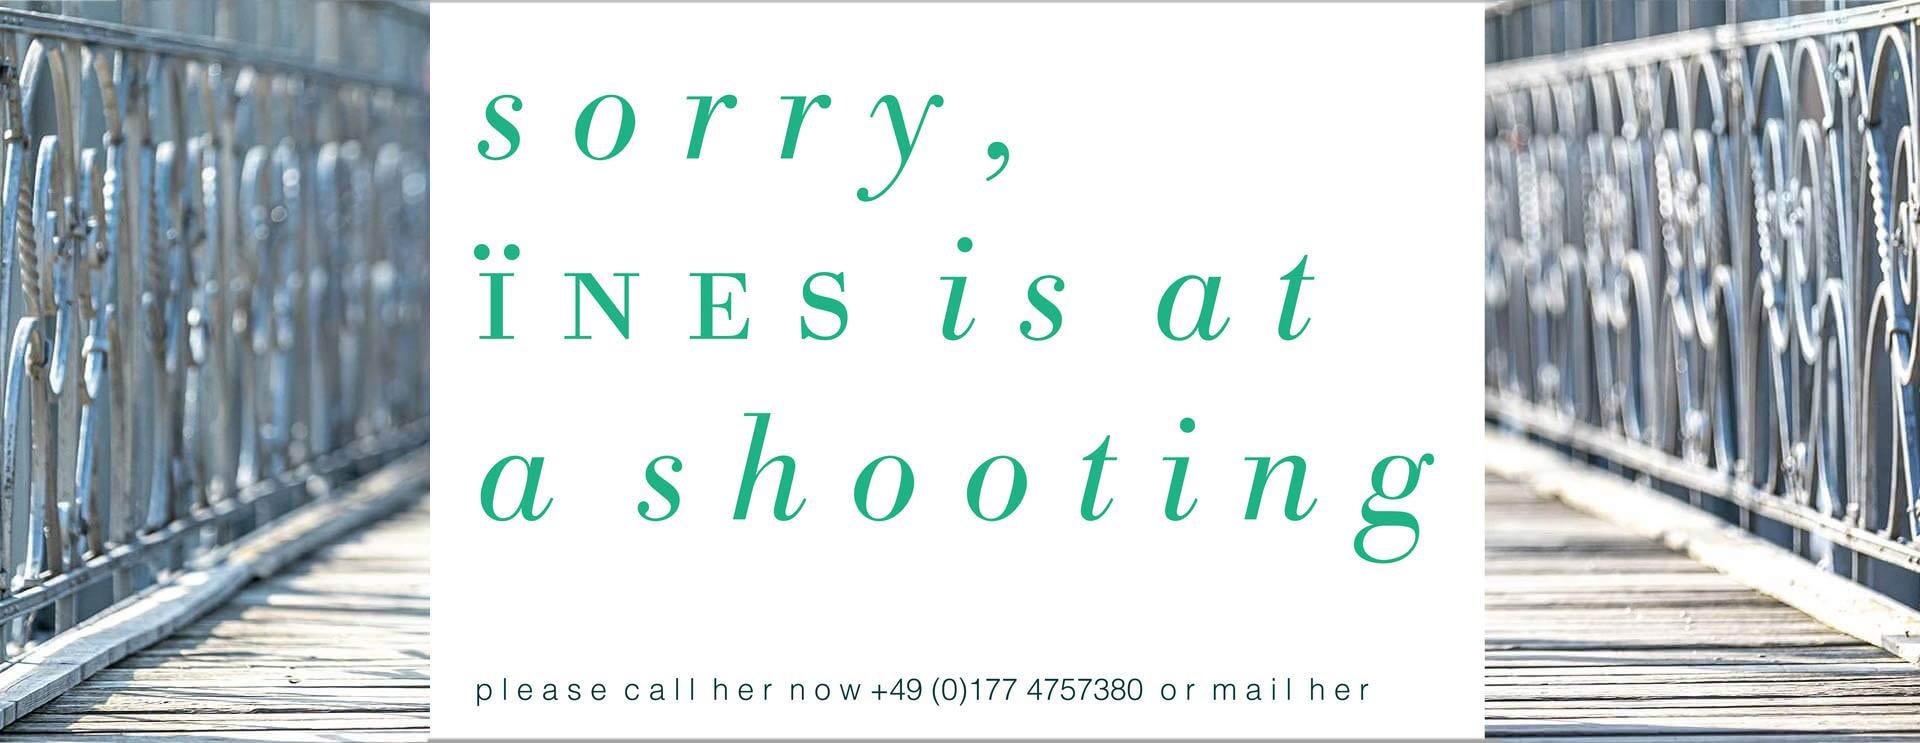 INES-fotografie-Berlin-Ines-is at-a-shooting